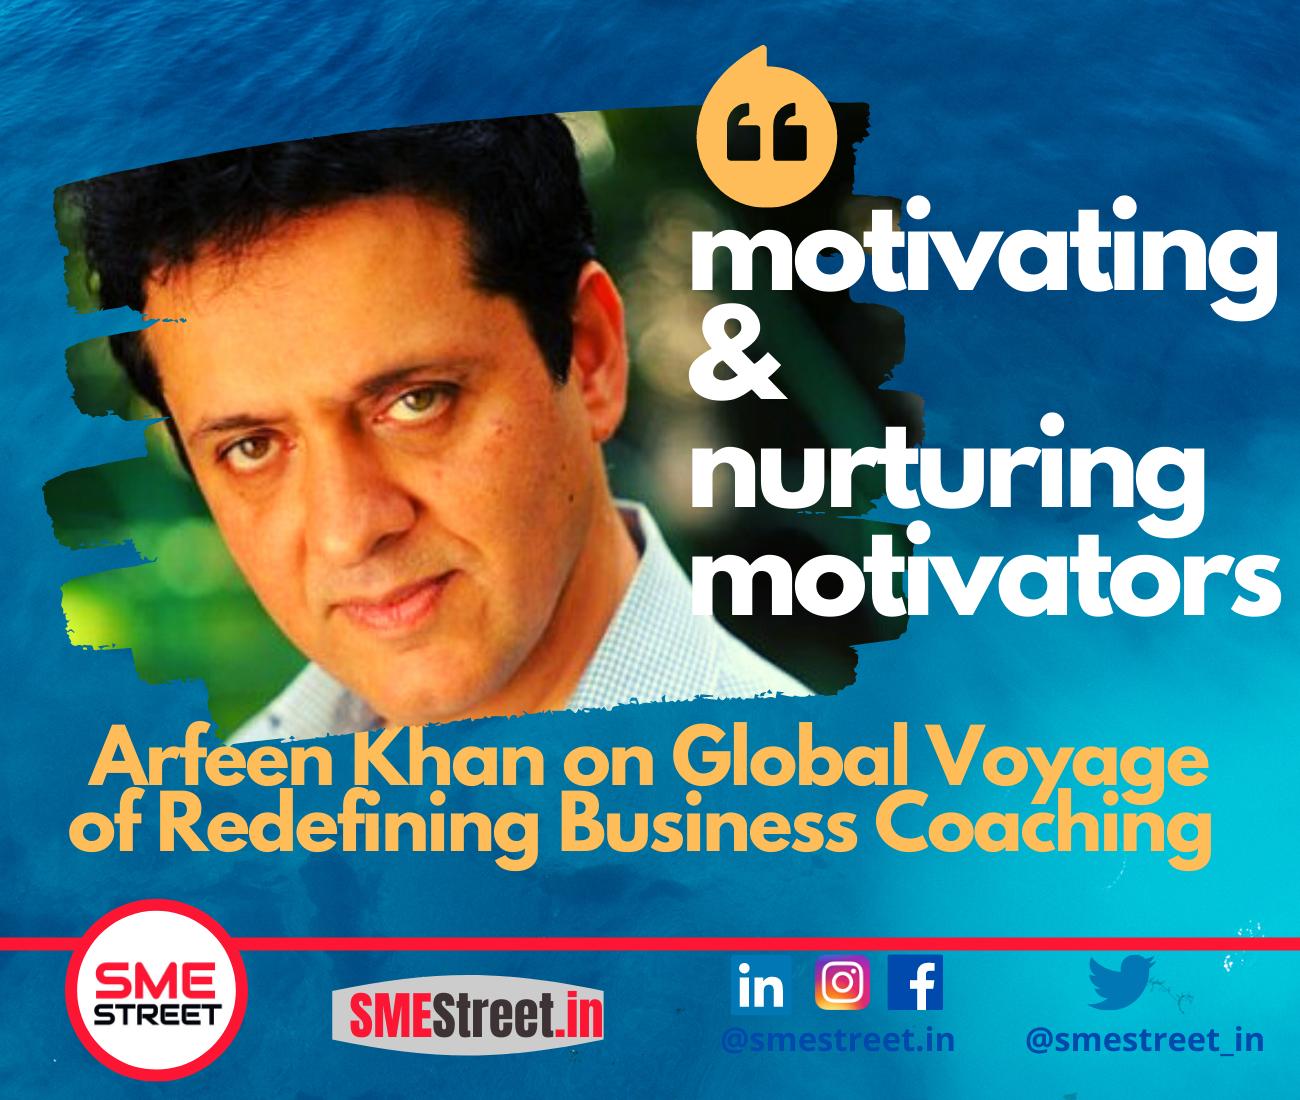 Arfeen Khan, Business Coaching, SMEStreet,